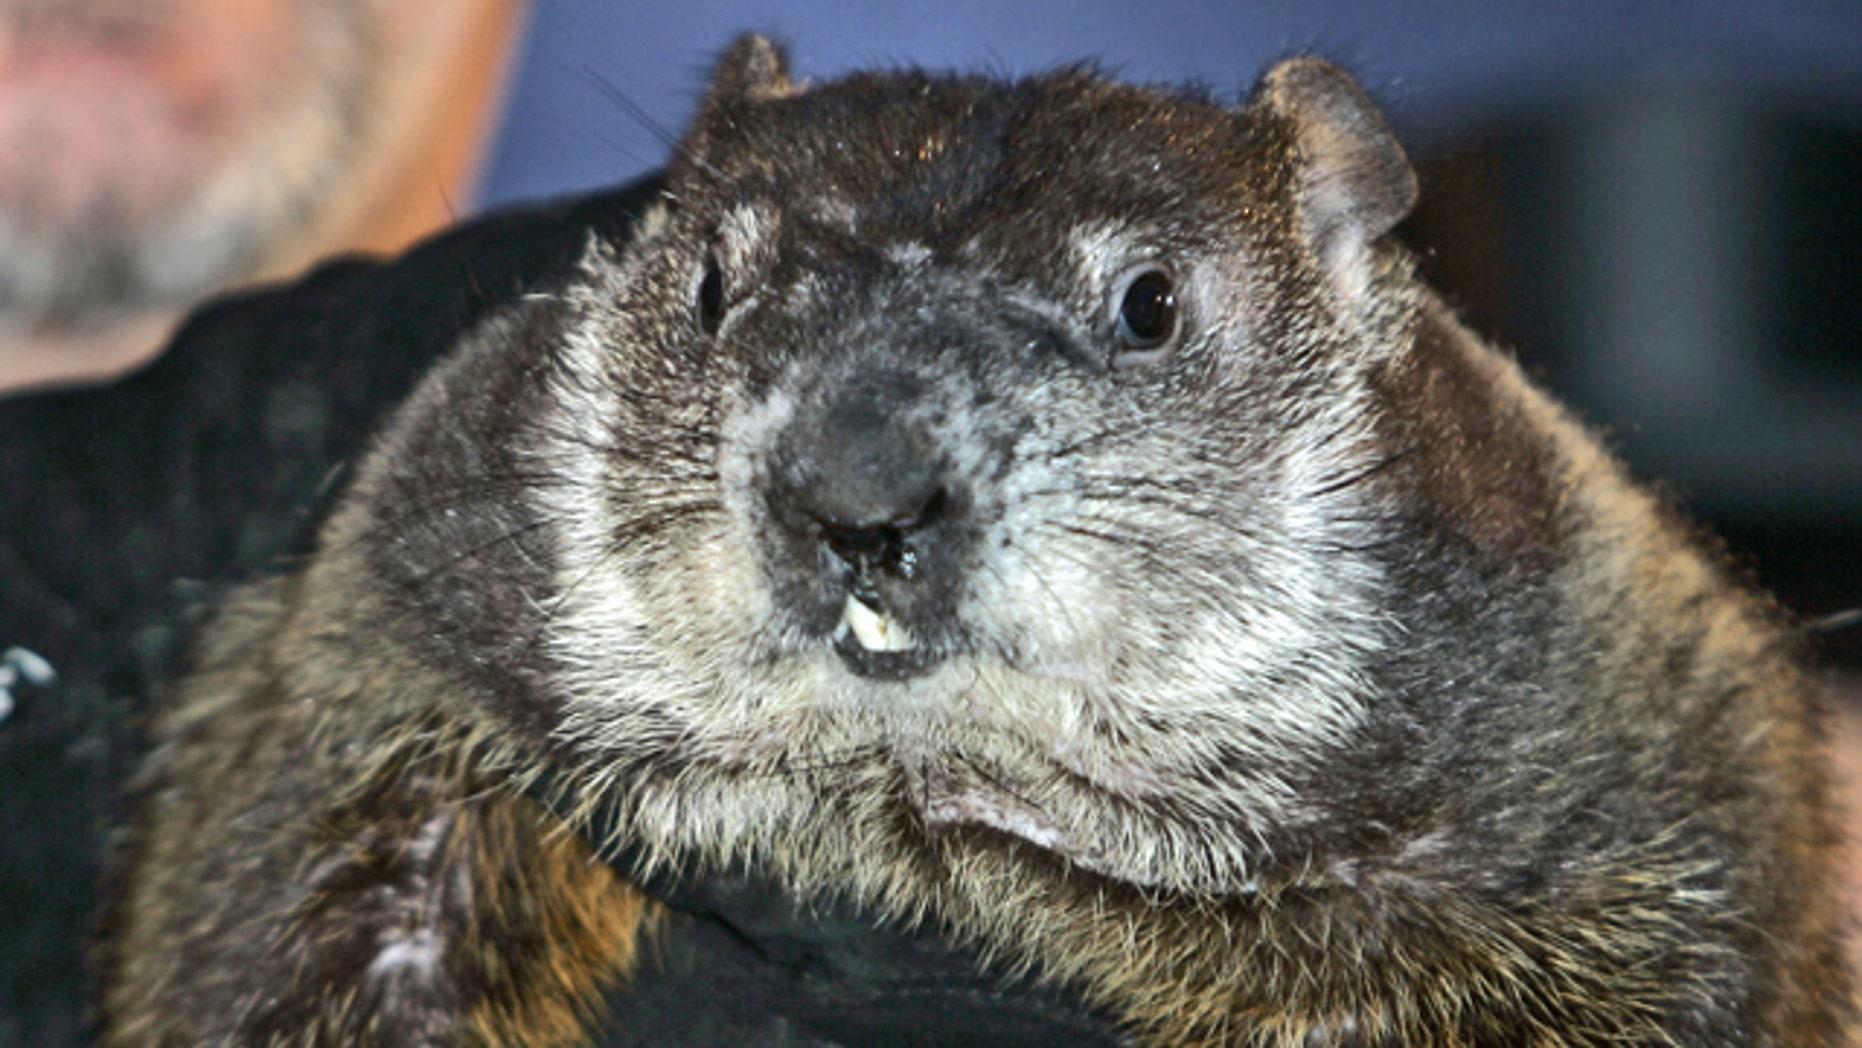 Feb. 2, 2007: Punxsutawney Phil, the weather-predicting groundhog, is held up by his handlers in Punxsutawney, Pa. (AP)